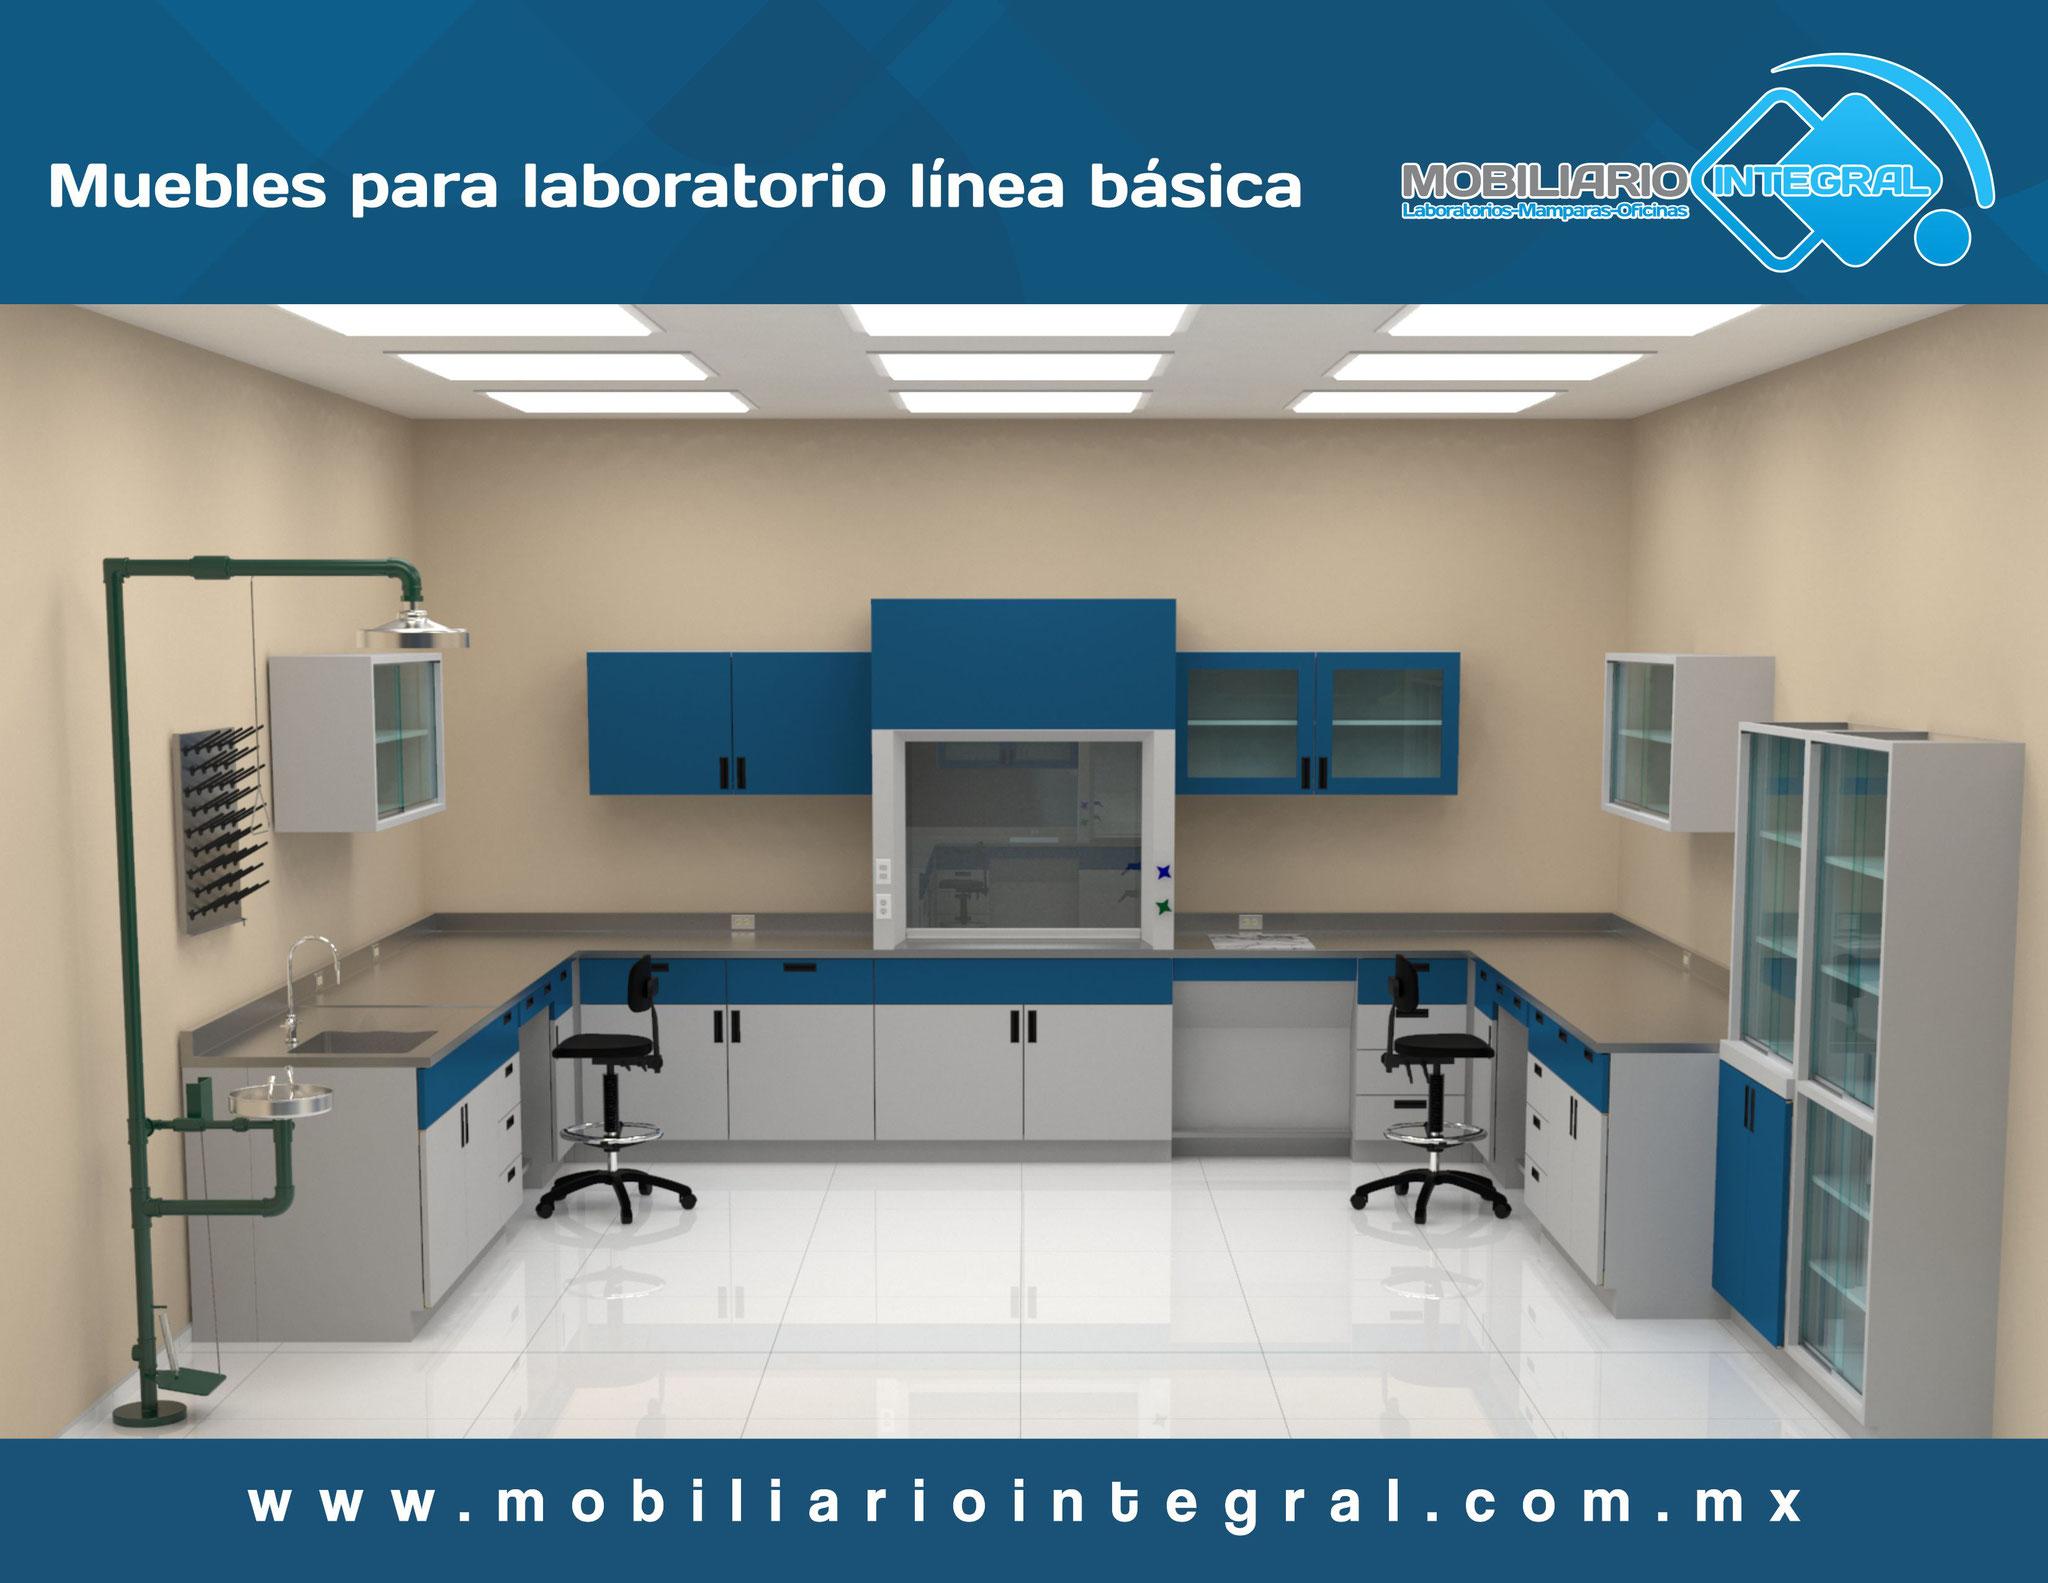 Muebles para laboratorio en Chalco